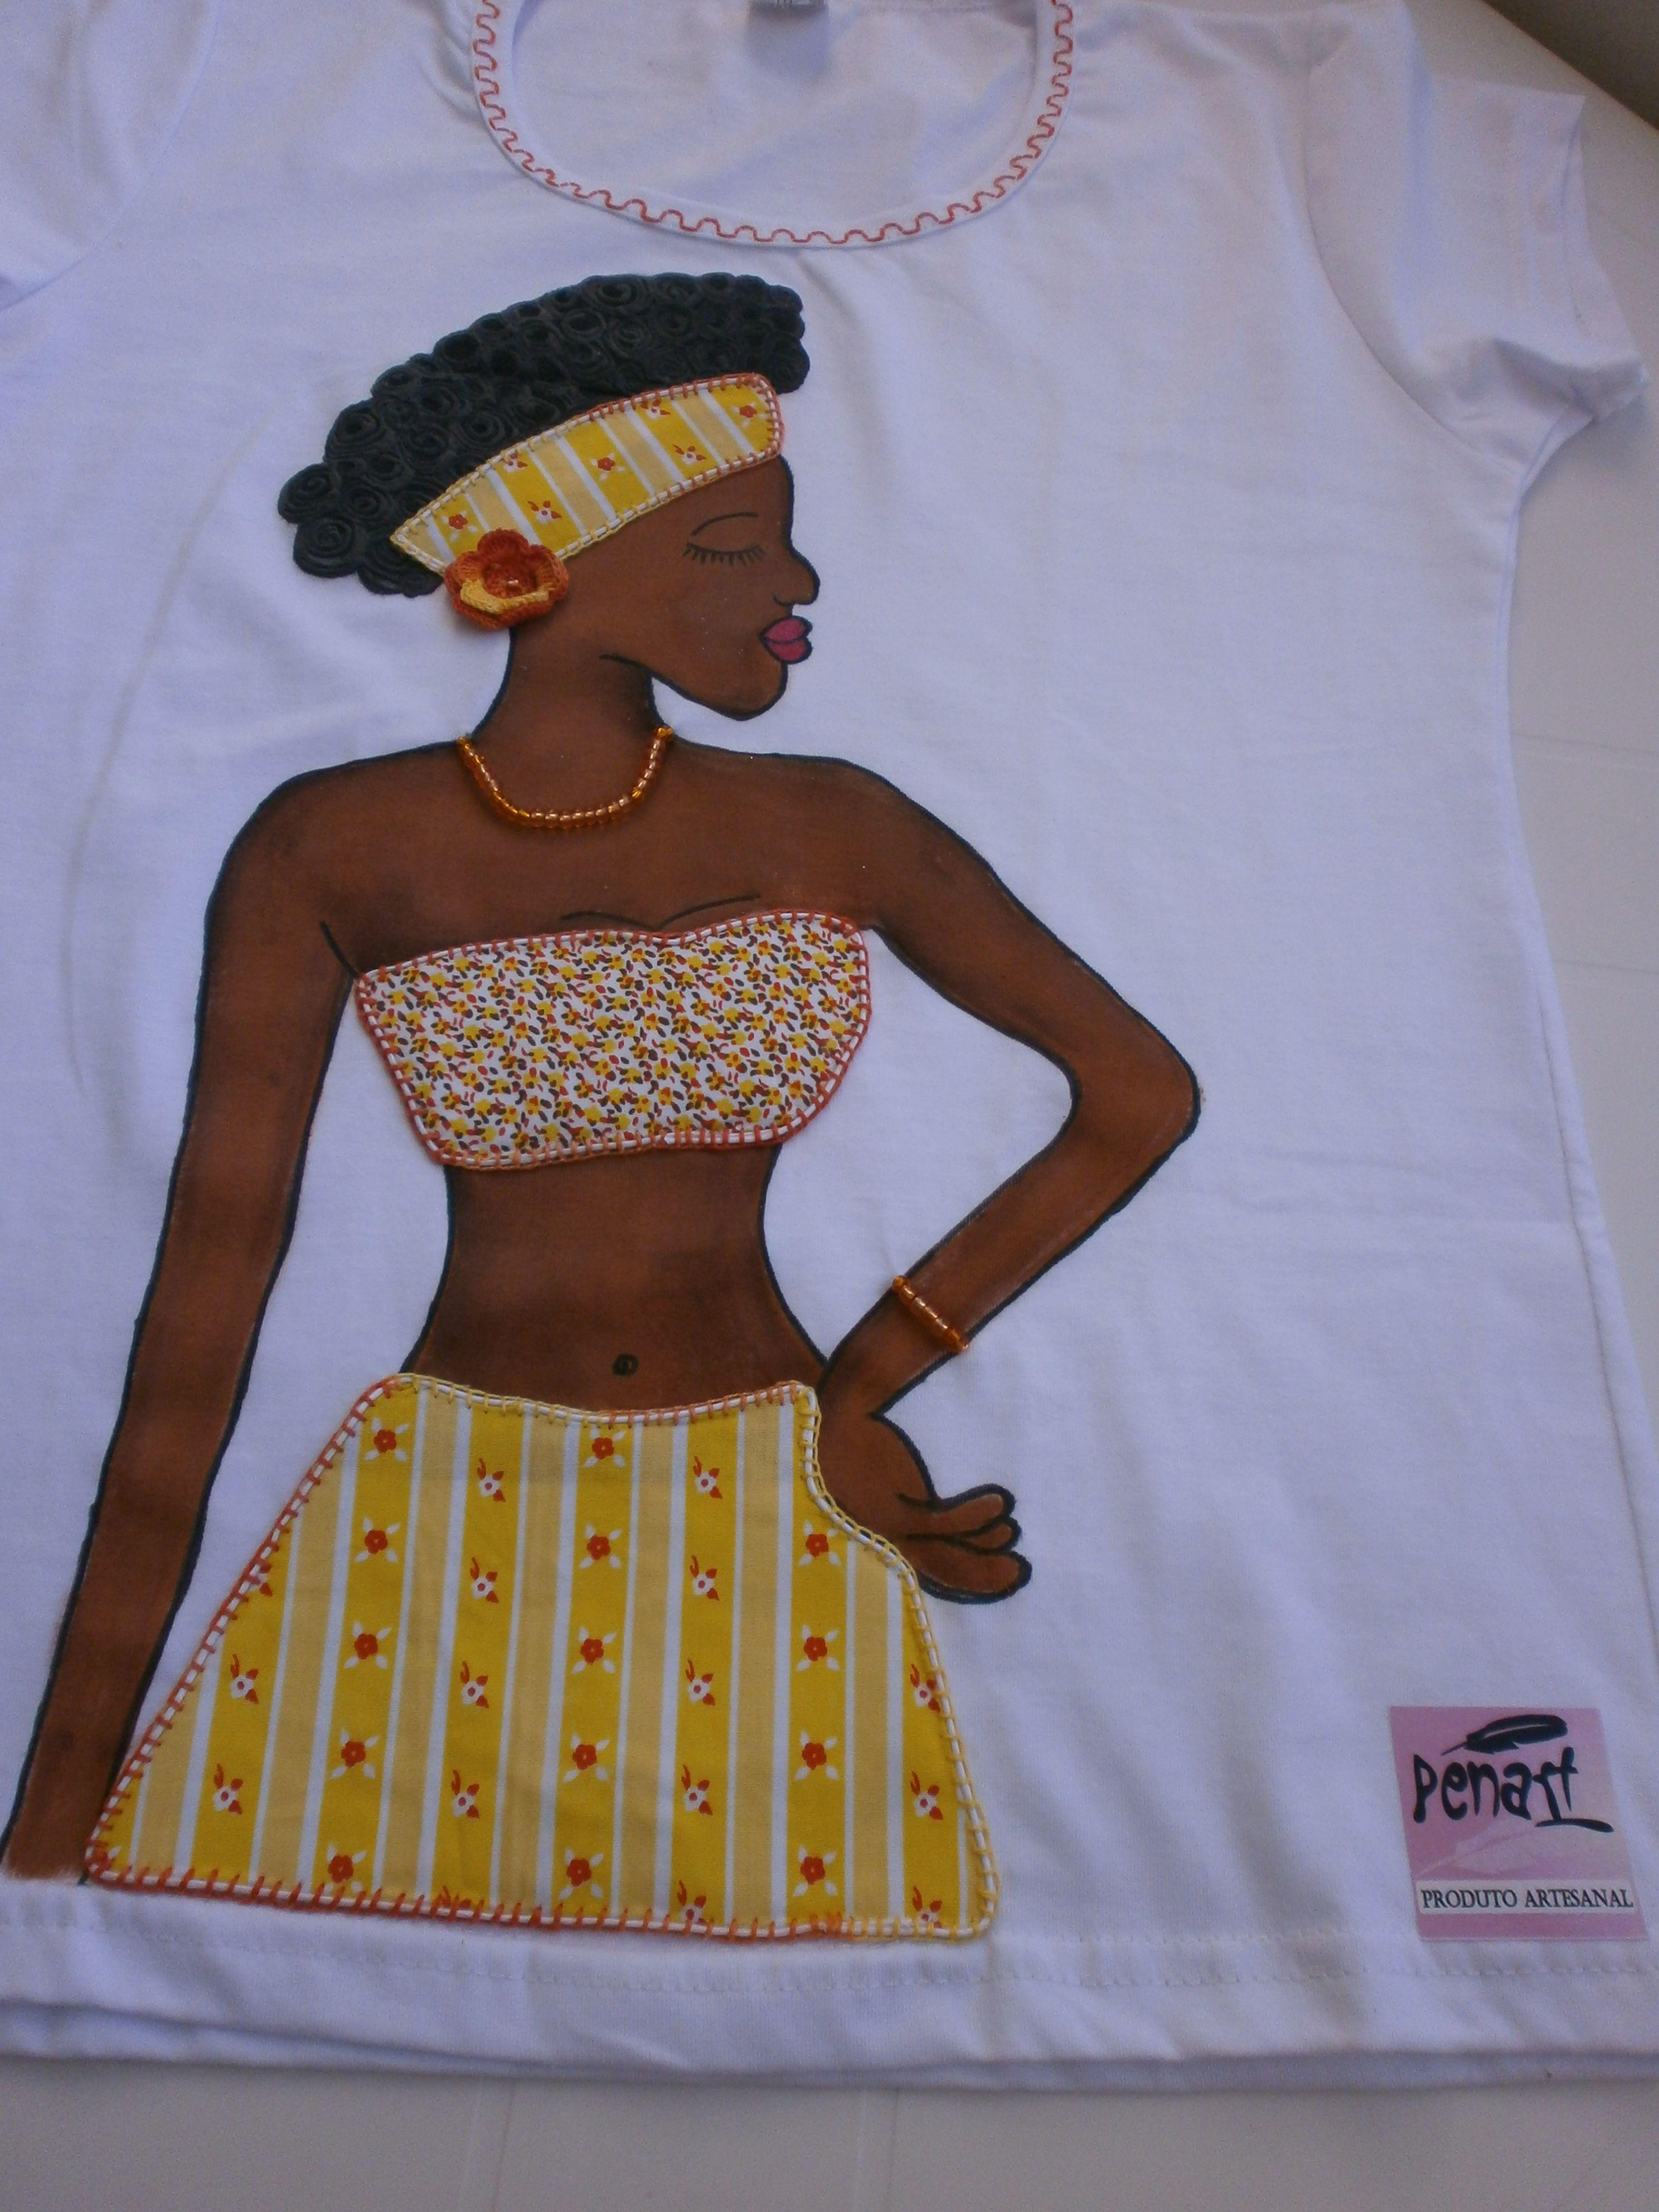 Pin von PENART auf CAMISETAS COM AFRICANAS | Pinterest